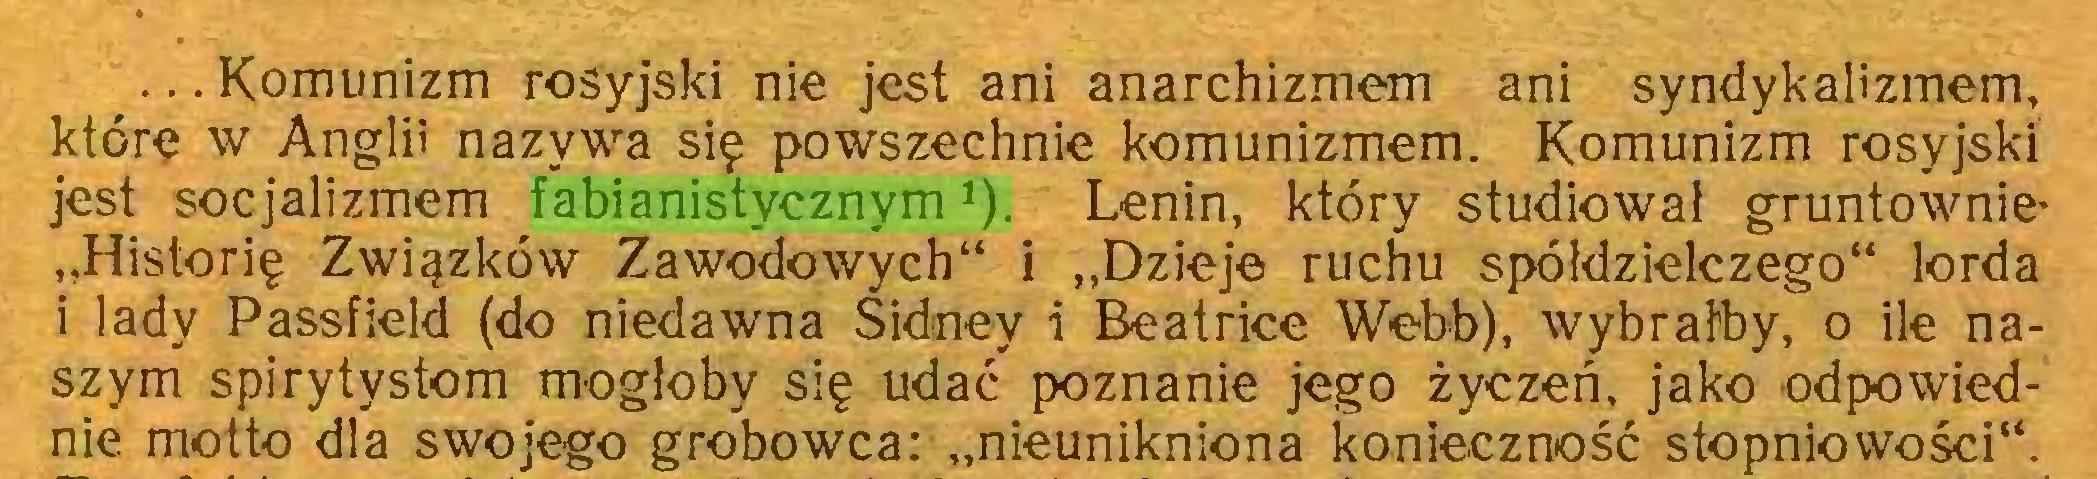 """(...) ...Komunizm rosyjski nie jest ani anarchizmem ani syndykalizmem, które w Anglii nazywa się powszechnie komunizmem. Komunizm rosyjski jest socjalizmem fabianistycznym*). Lenin, który studiował gruntownie* """"Historię Związków Zawodowych"""" i """"Dzieje ruchu spółdzielczego"""" lorda i lady Passfield (do niedawna Sidney i Beatrice Webb), wybrałby, o ile naszym spirytystom mogłoby się udać poznanie jego życzeń, jako odpowiednie motto dla swojego grobowca: """"nieunikniona konieczność stopniowości""""..."""